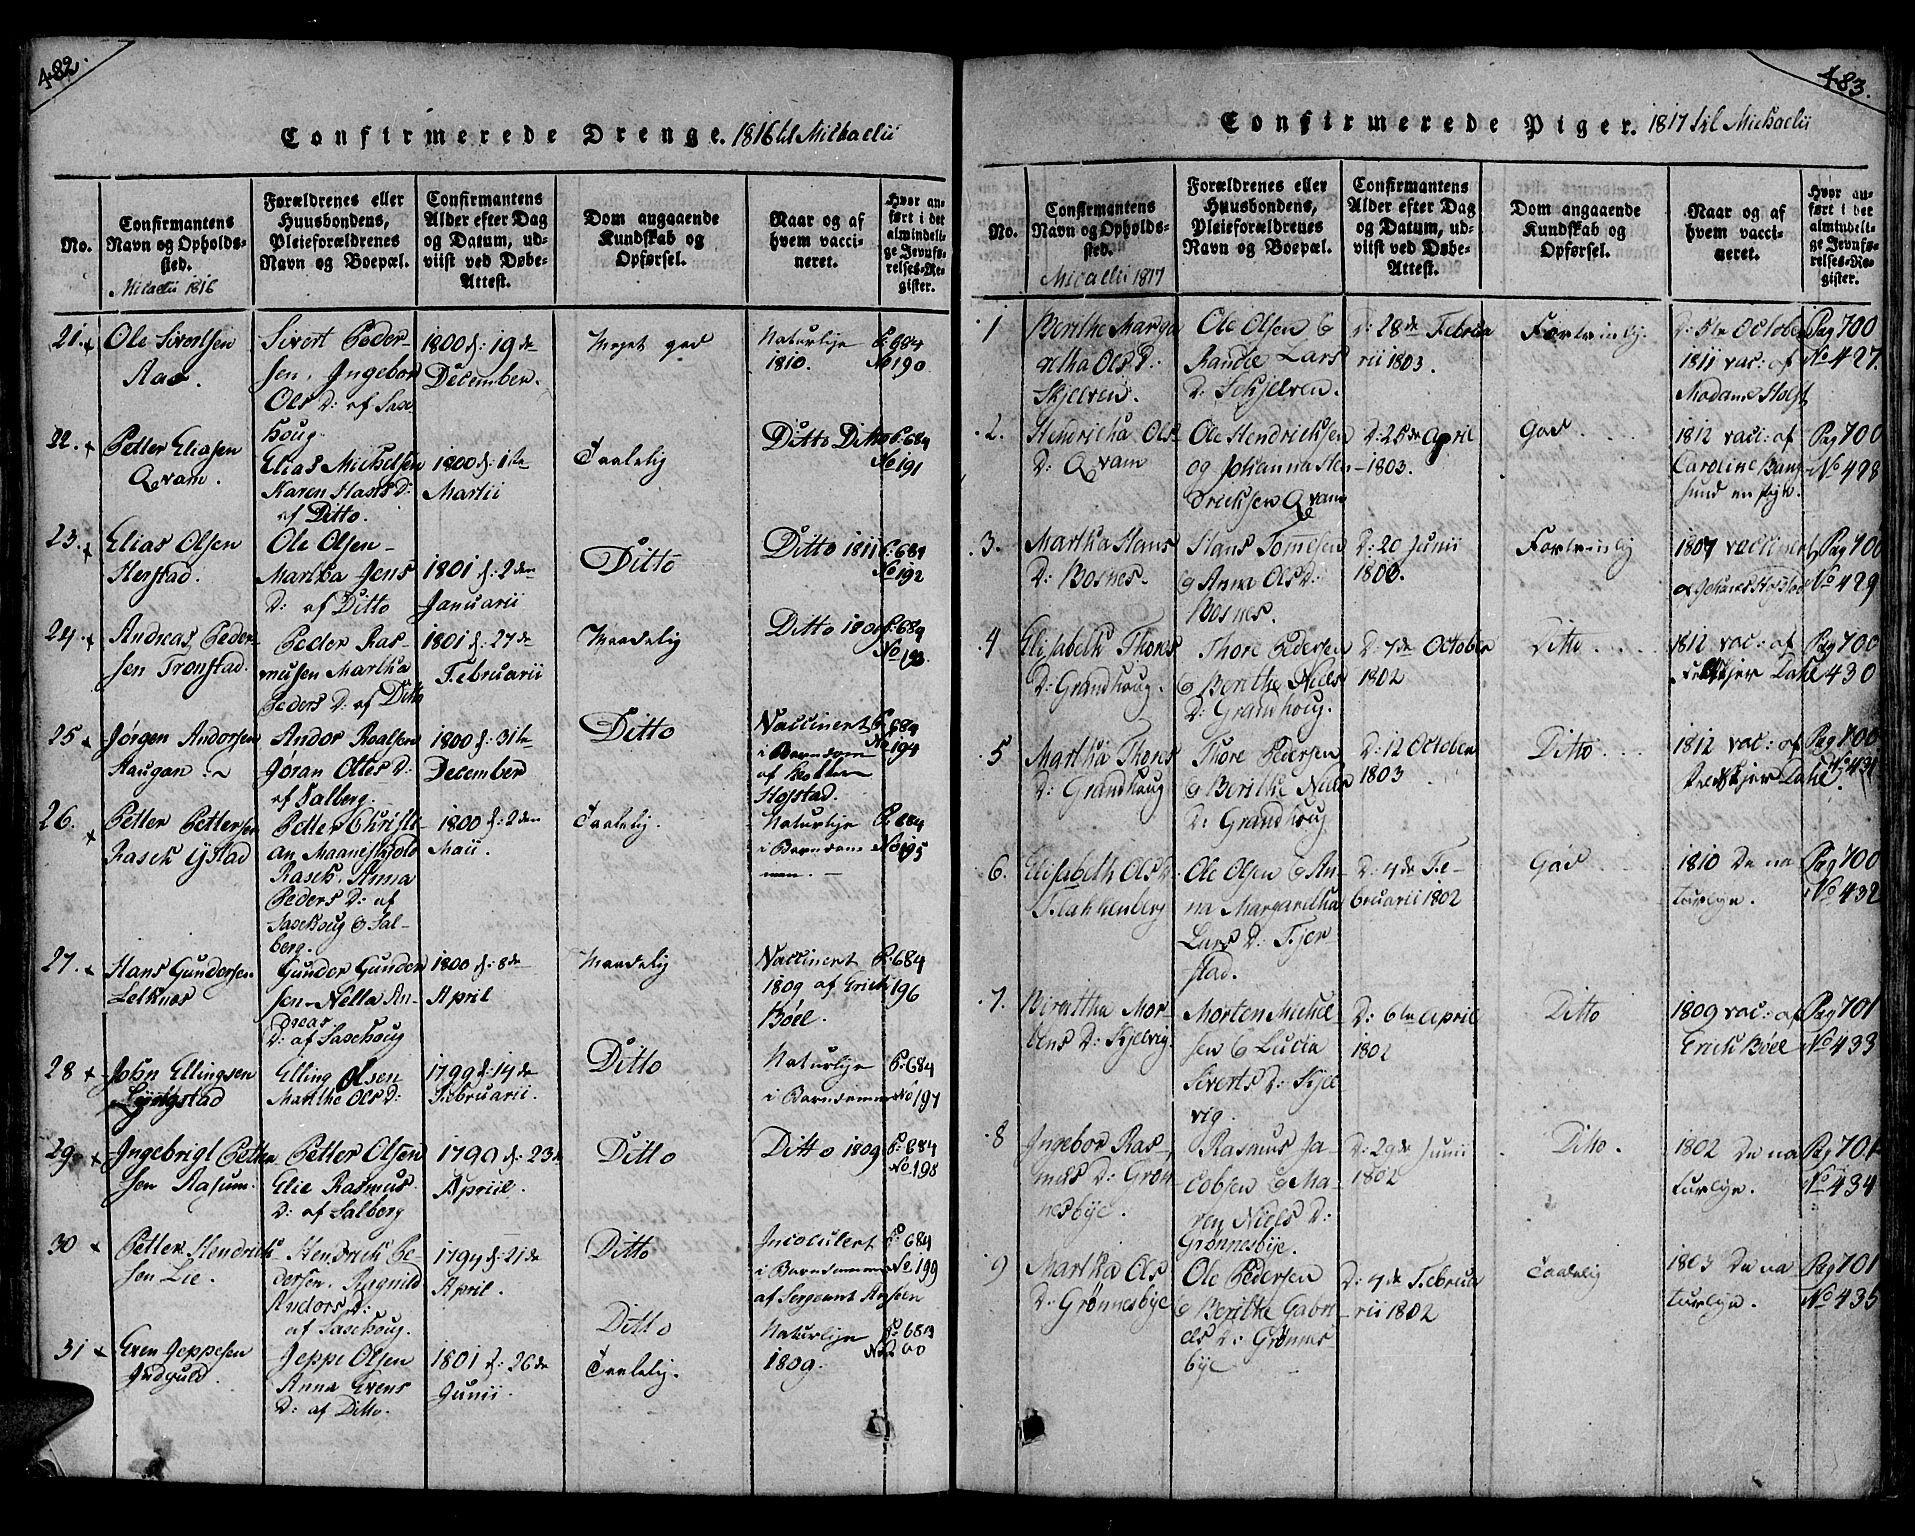 SAT, Ministerialprotokoller, klokkerbøker og fødselsregistre - Nord-Trøndelag, 730/L0275: Ministerialbok nr. 730A04, 1816-1822, s. 482-483